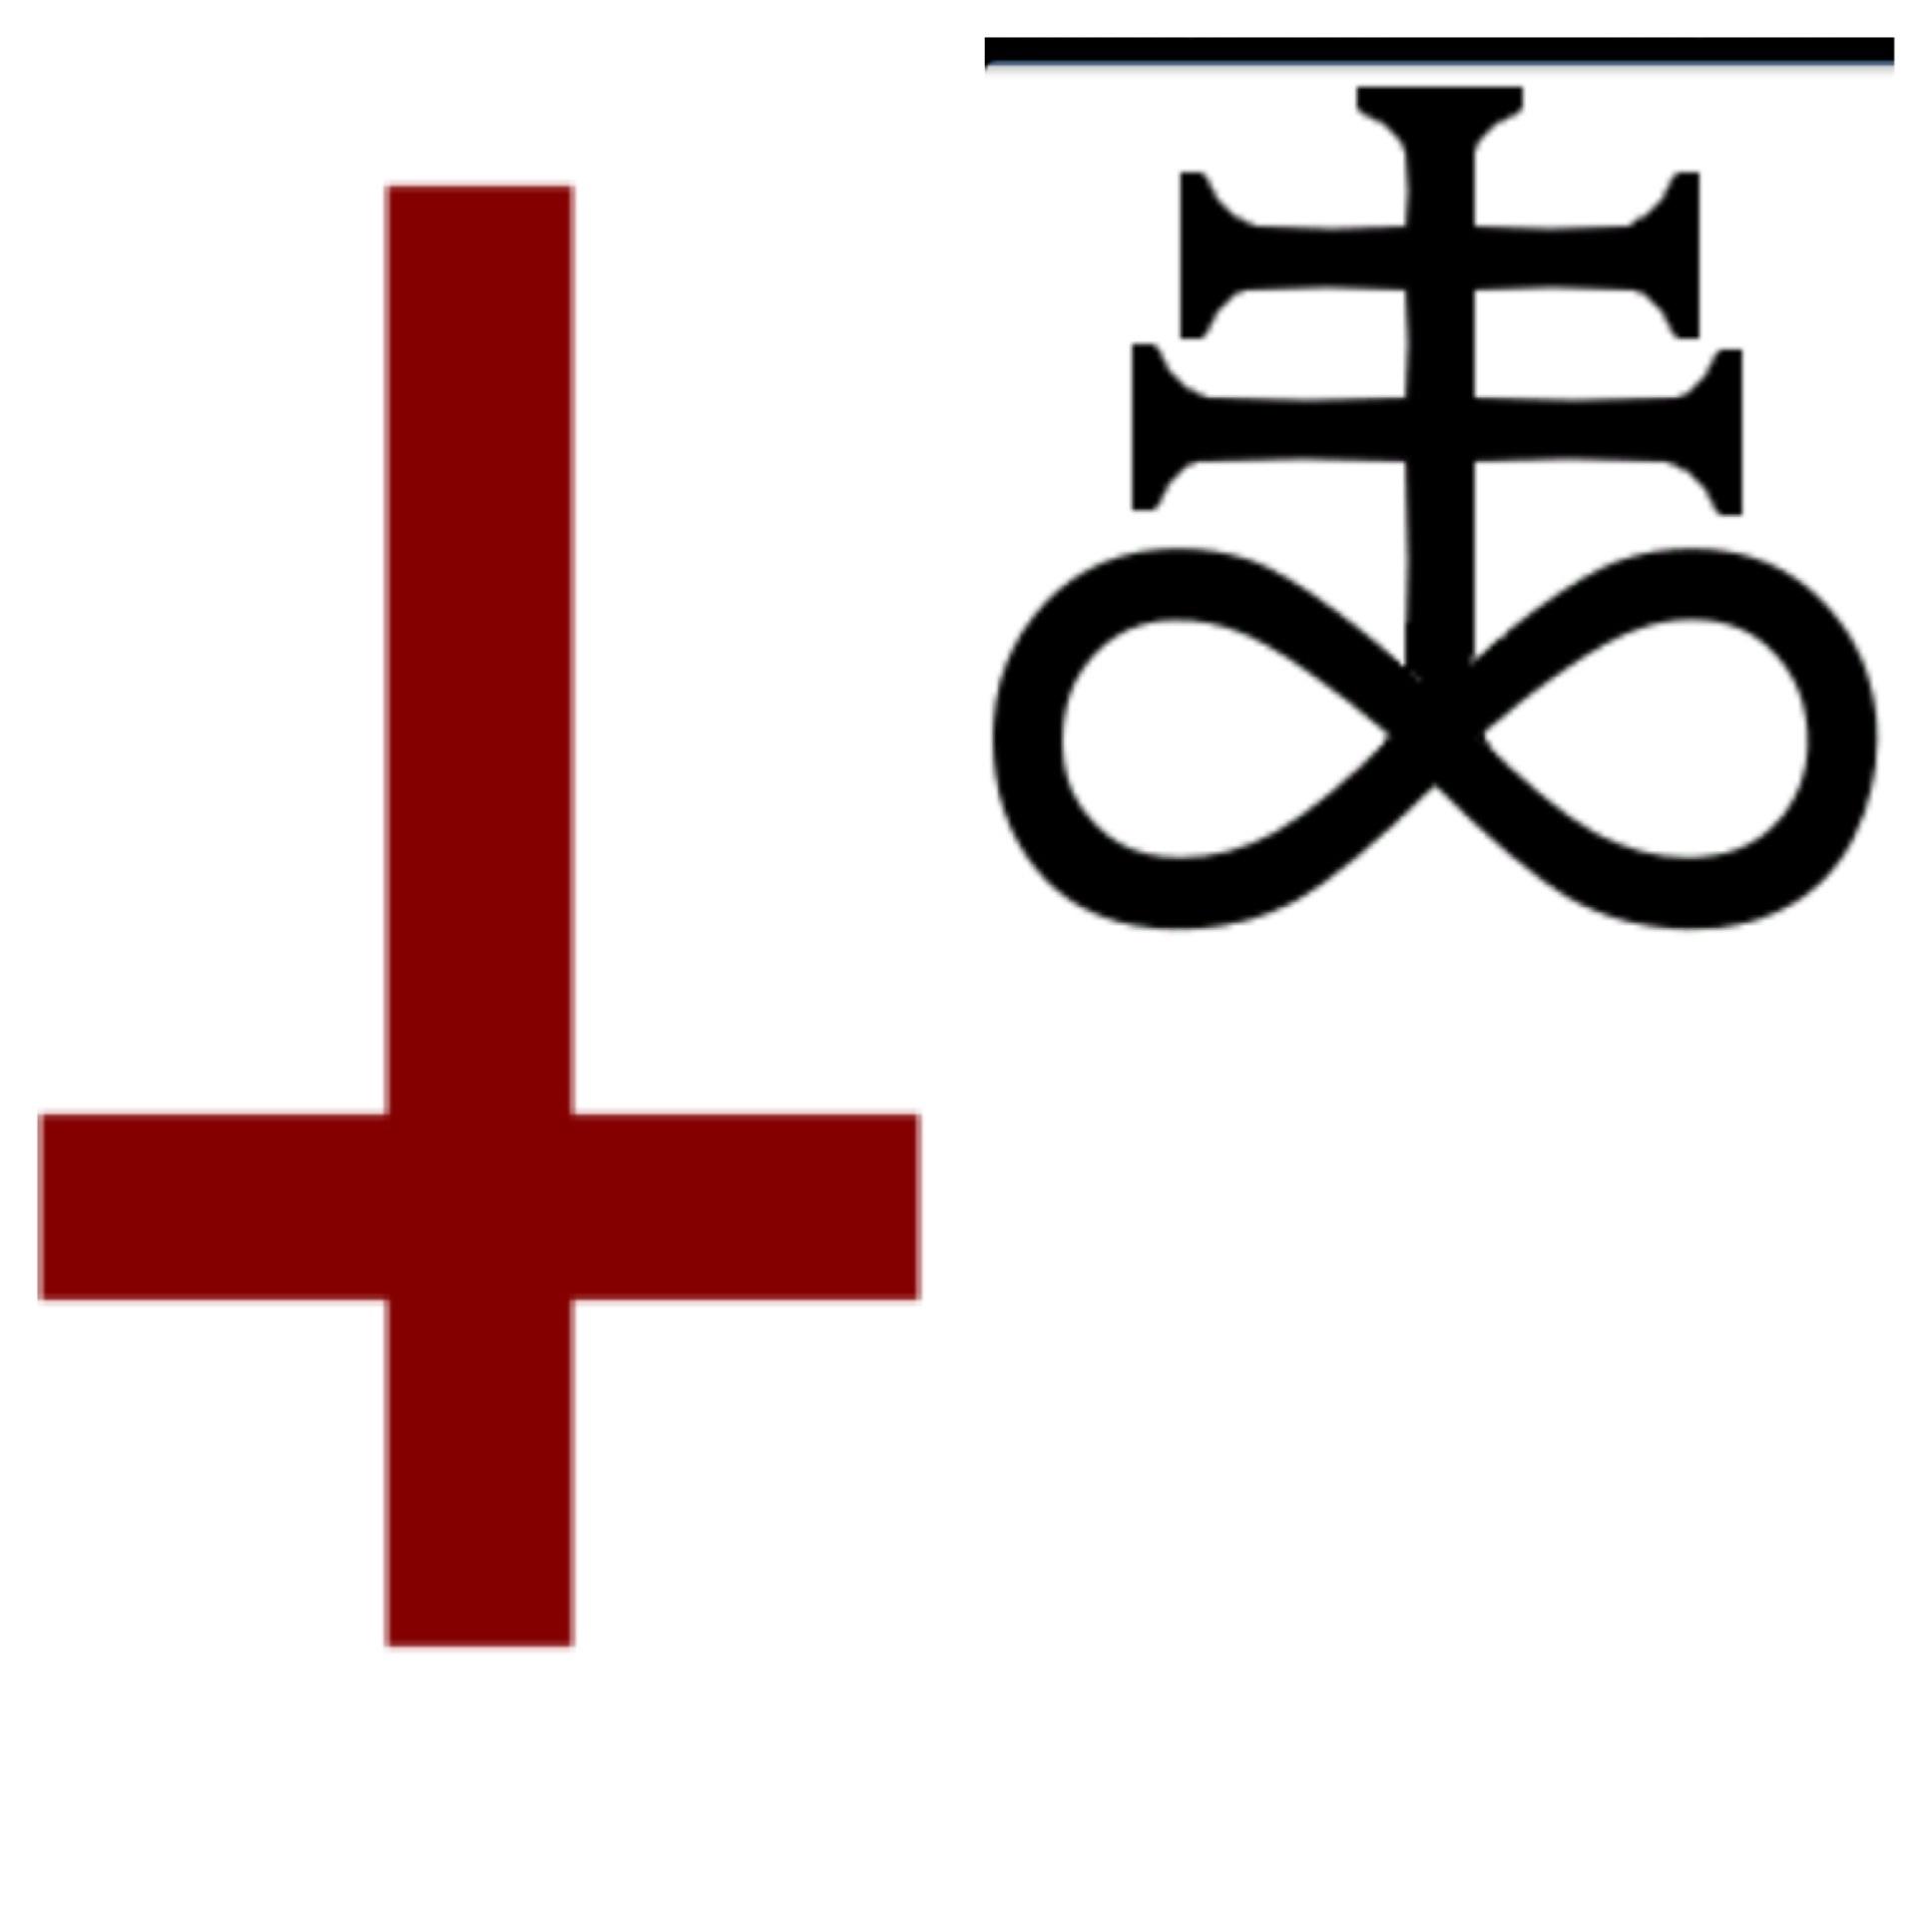 R Rated Symbol - ClipArt Best R Symbol